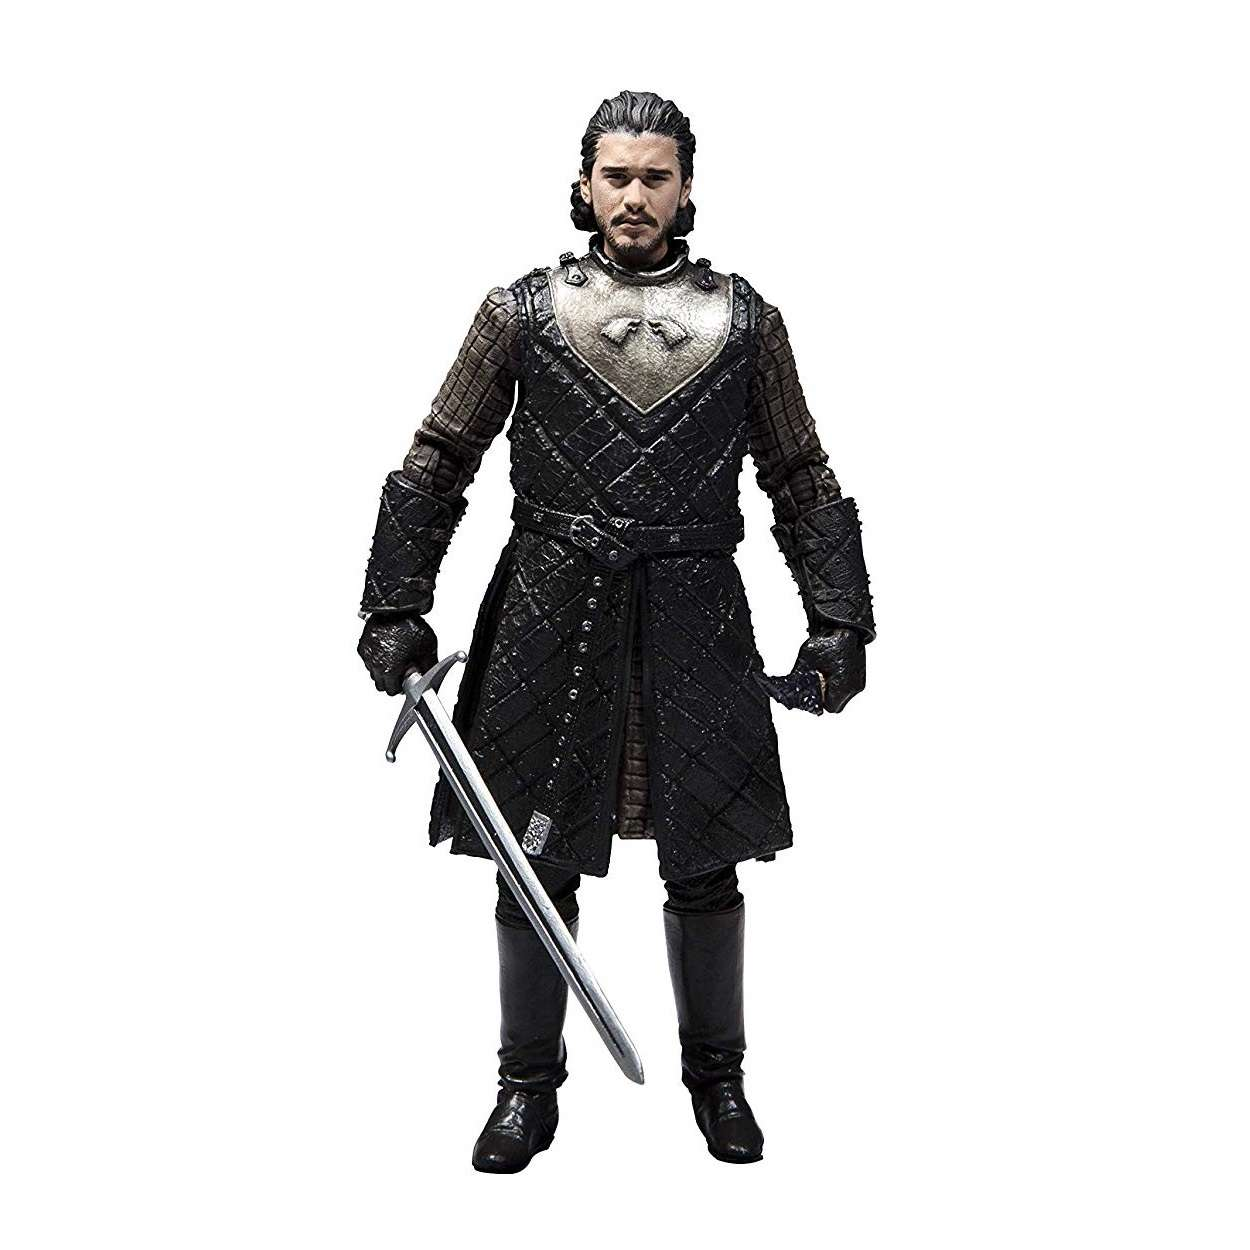 Action Figure: Game of Thrones - Jon Snow Photo